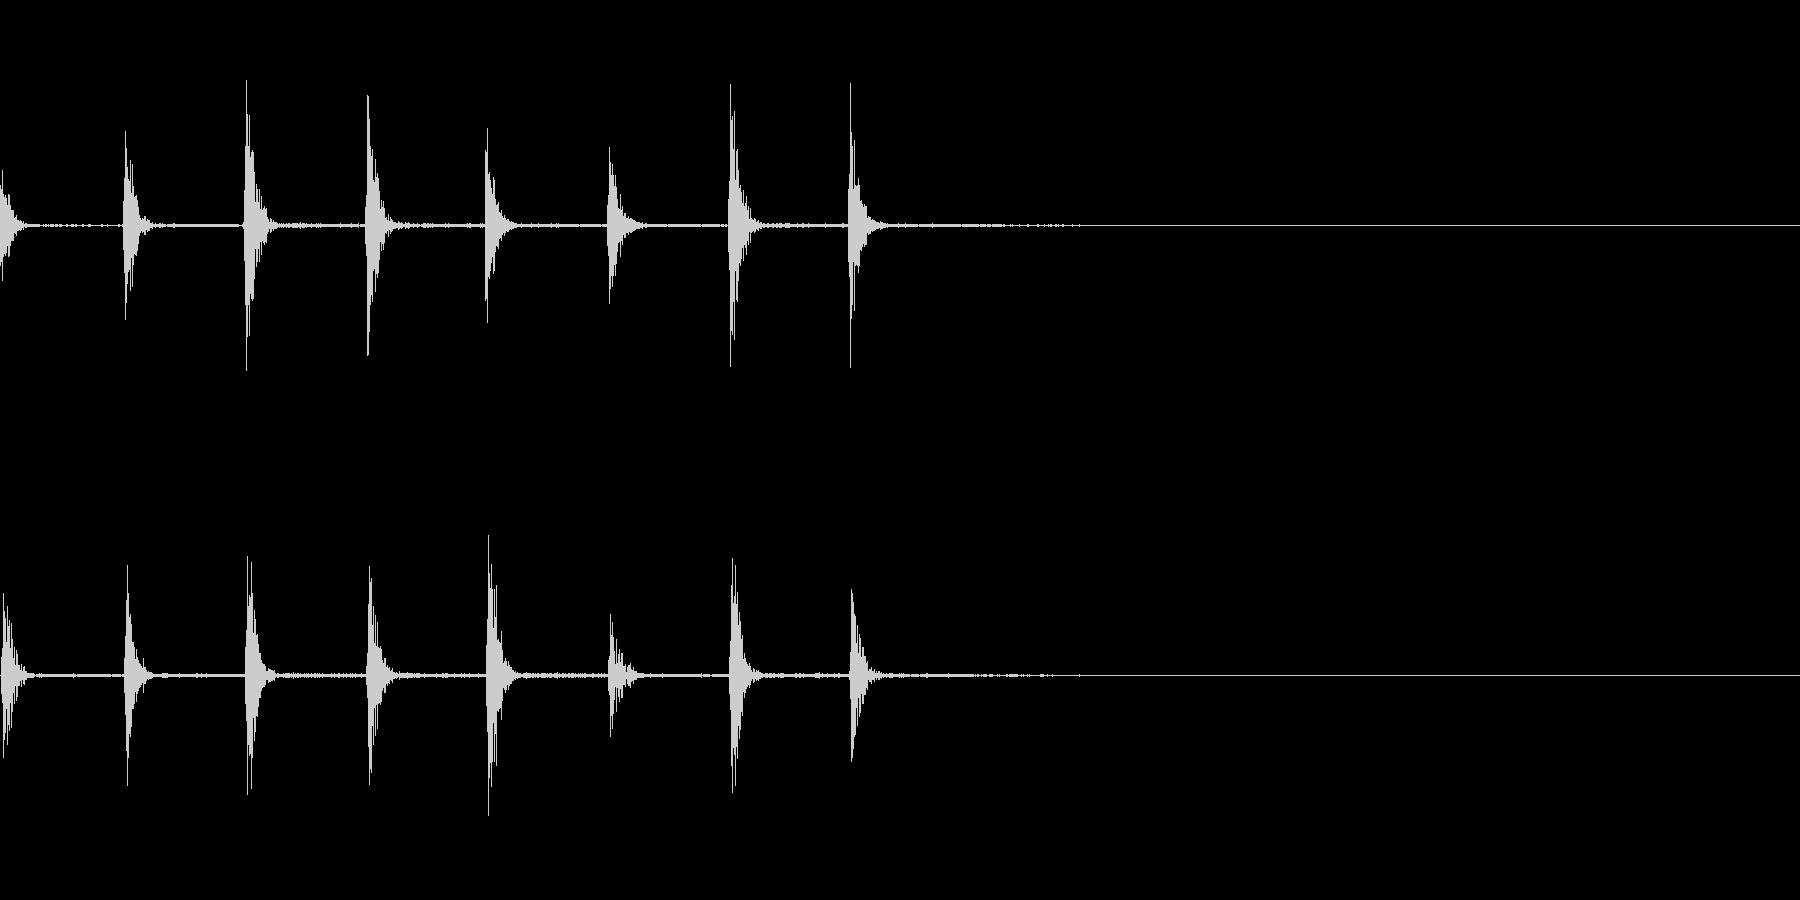 タッタッタ(板の上を走る足音)の未再生の波形